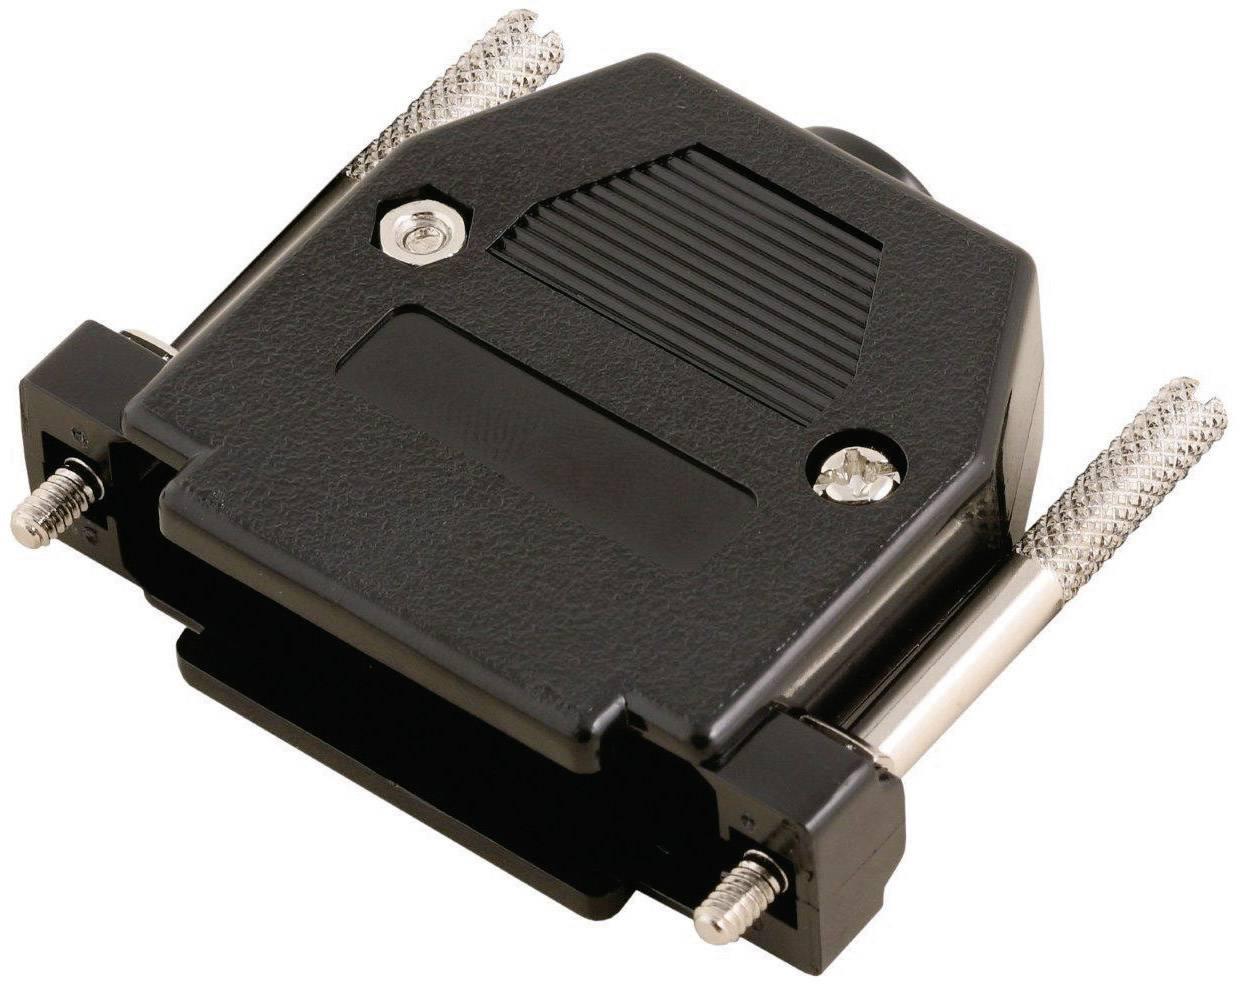 D-SUB púzdro MH Connectors 2360-0102-22 2360-0102-22, počet pinov: 15, plast, 180 °, čierna, 1 ks